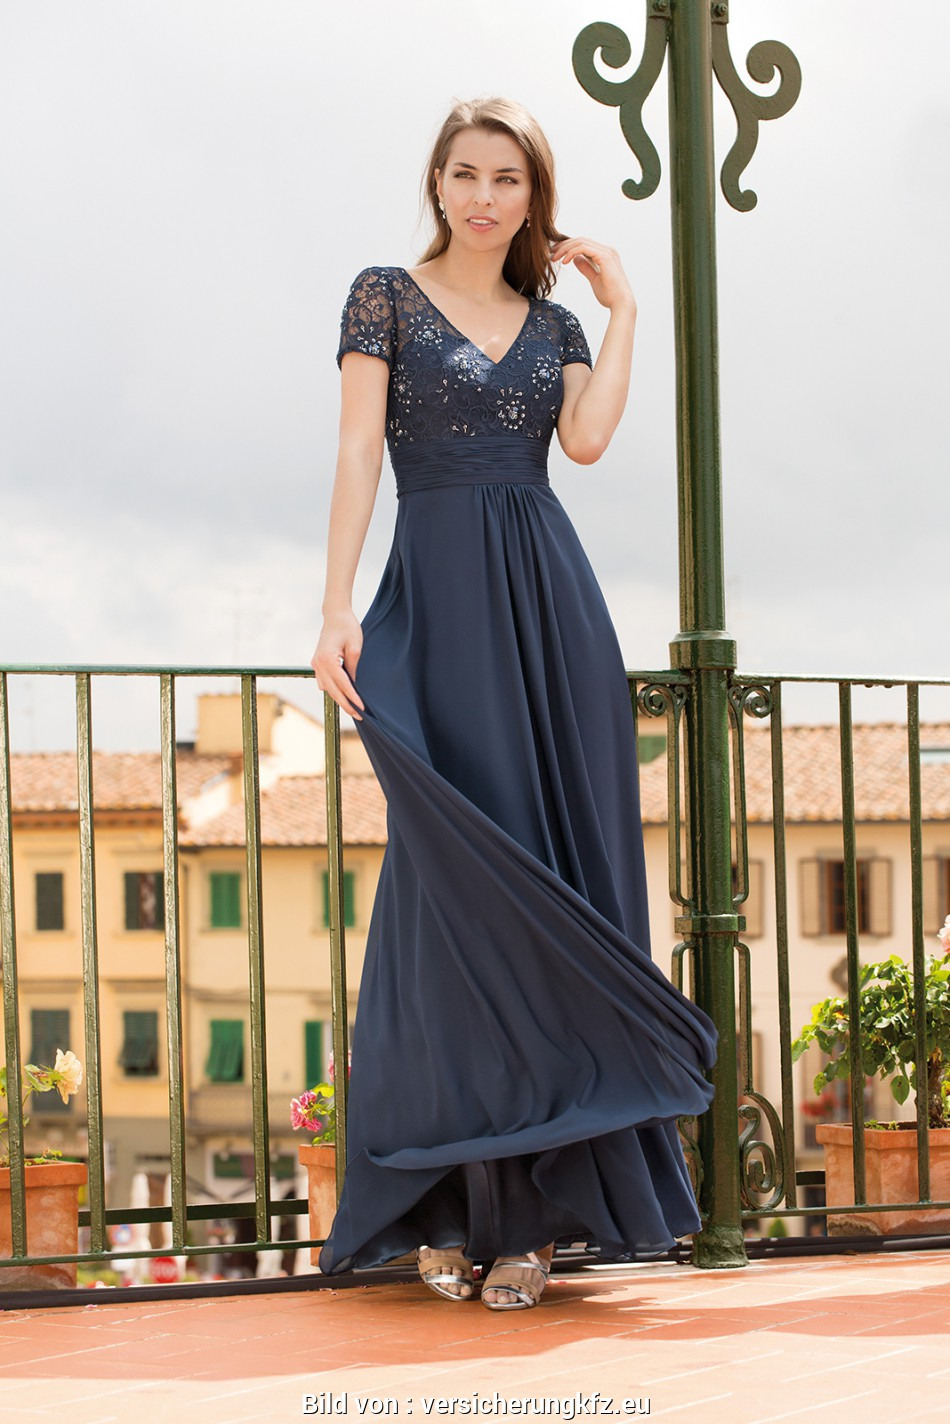 15 Genial Kleid Für Einen Abend Mieten Galerie10 Schön Kleid Für Einen Abend Mieten Ärmel